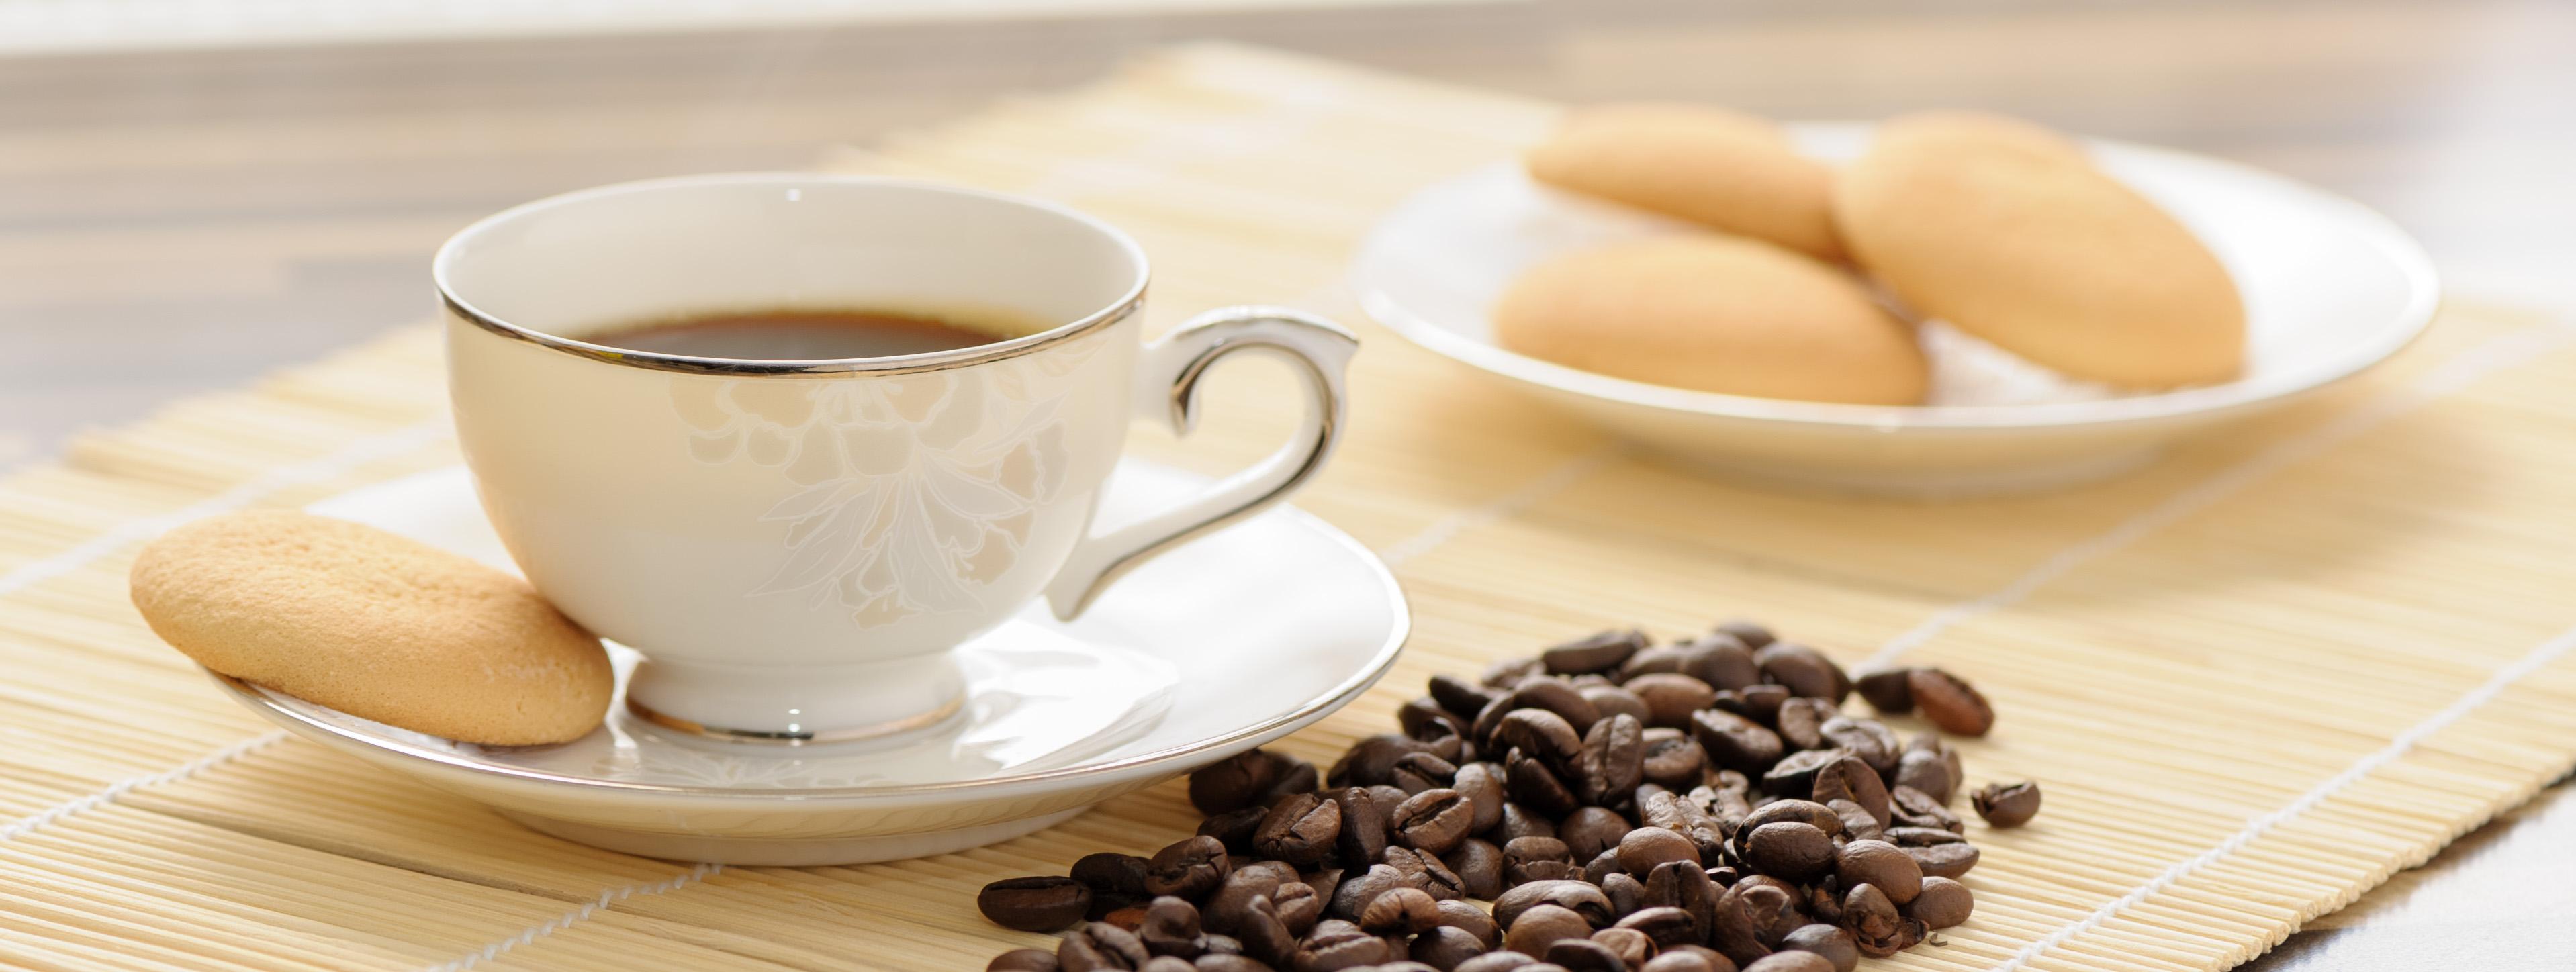 przerwa kawowa, kawa